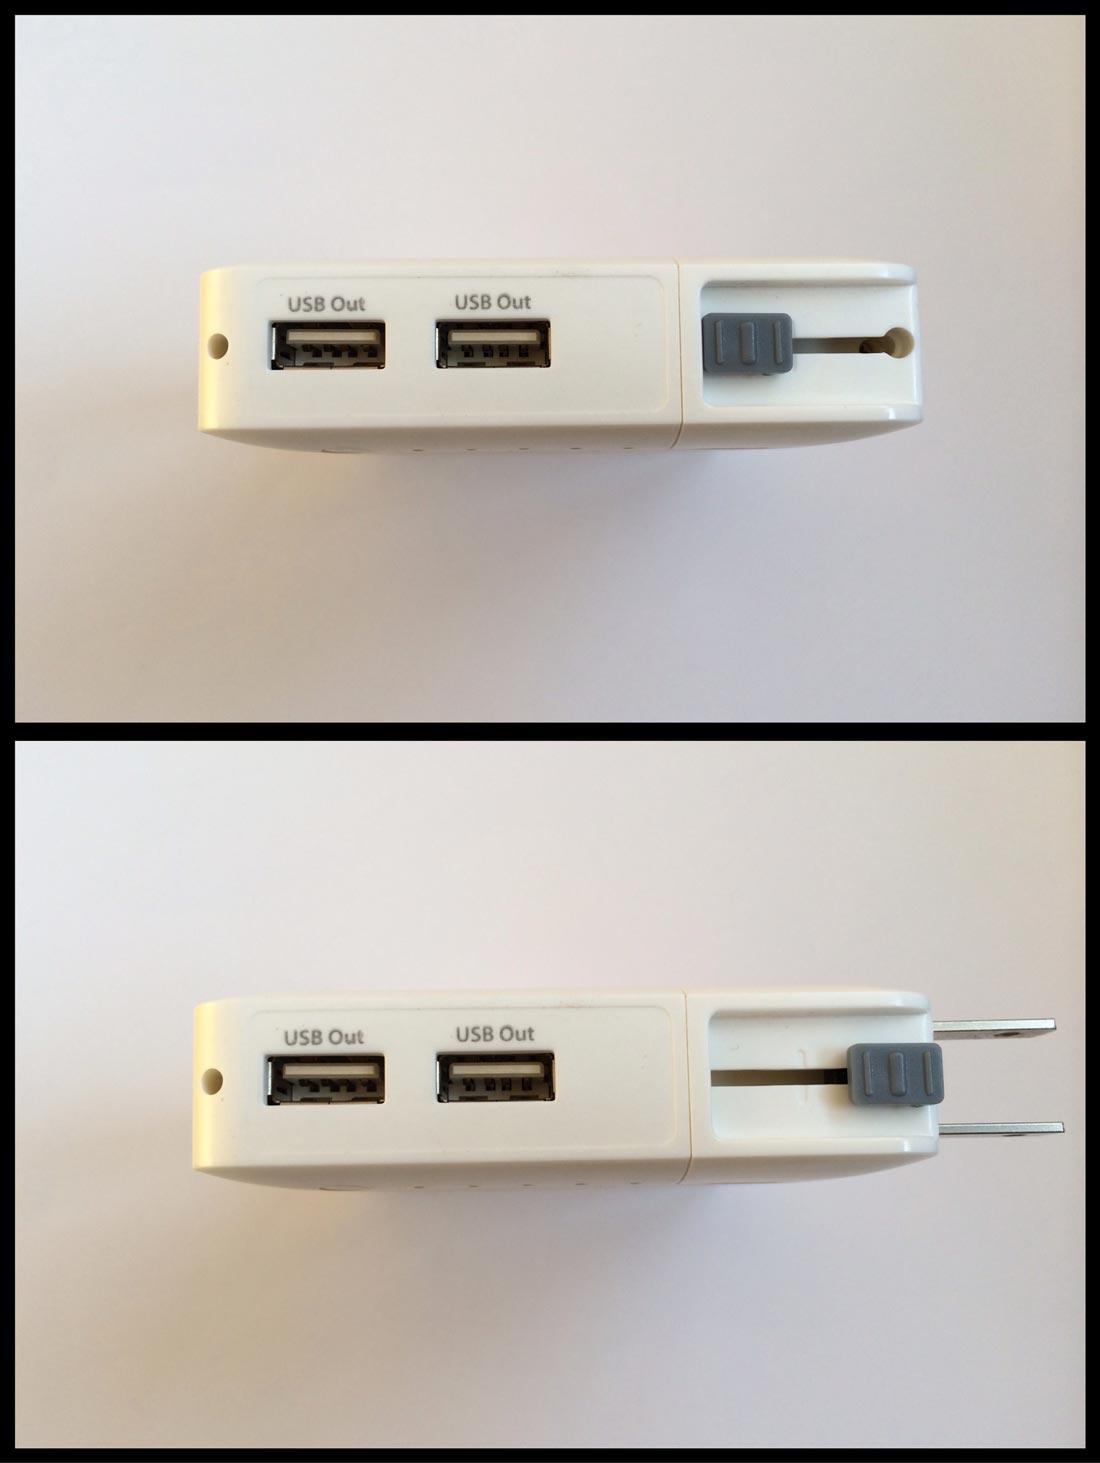 Le rechargeur HyperJuice Plug P10, ses prises USB et sa prise de courant intégrée. Ph. Moctar KANE.